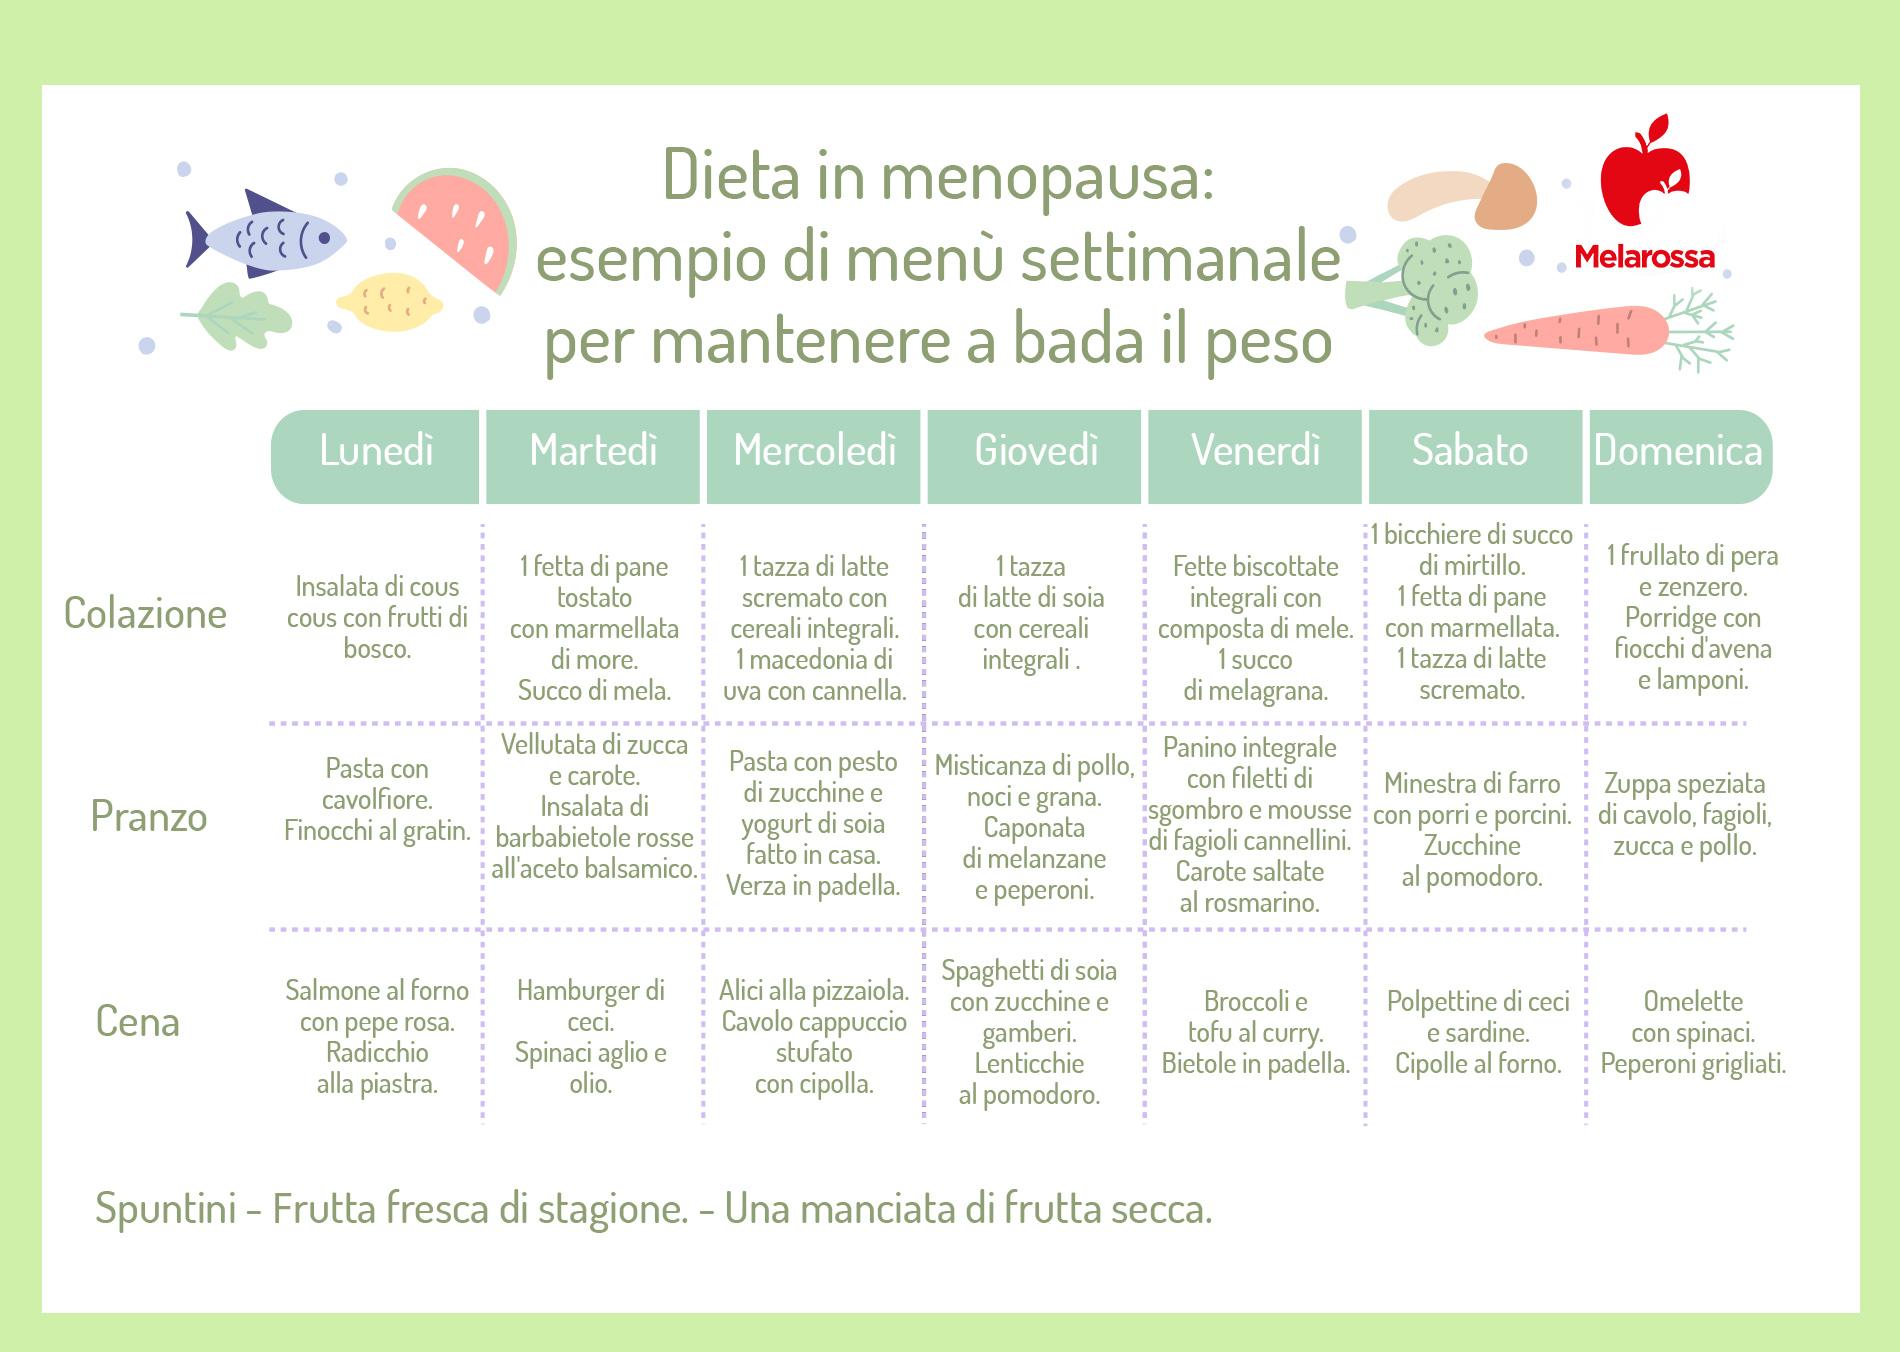 dieta in menopausa: esempio di menù settimanale per mantenere il peso a bada